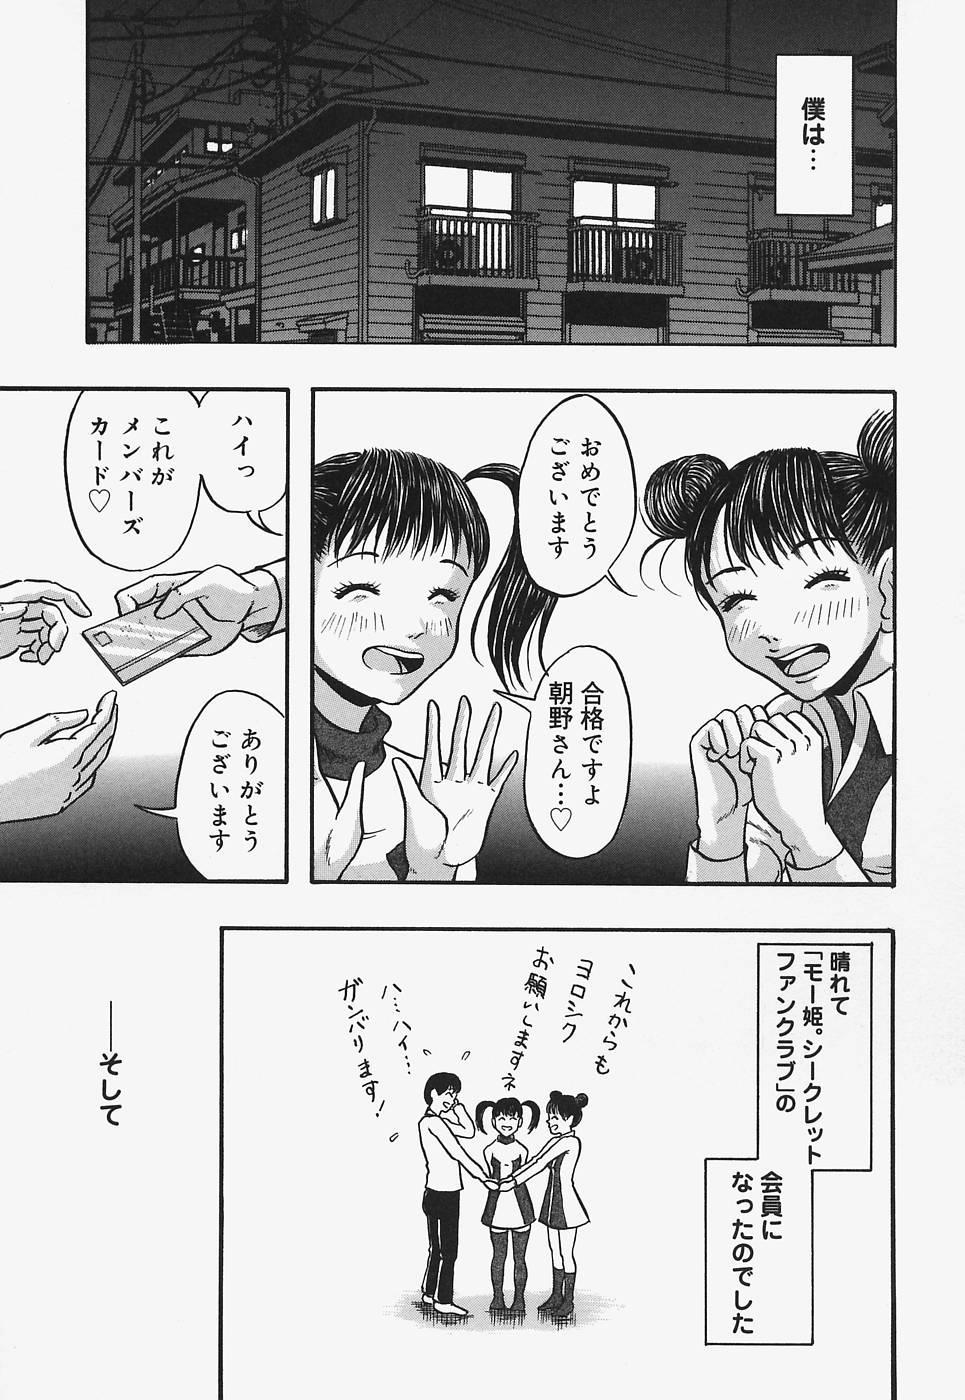 Nurunuru Syoujyo Jiru 162